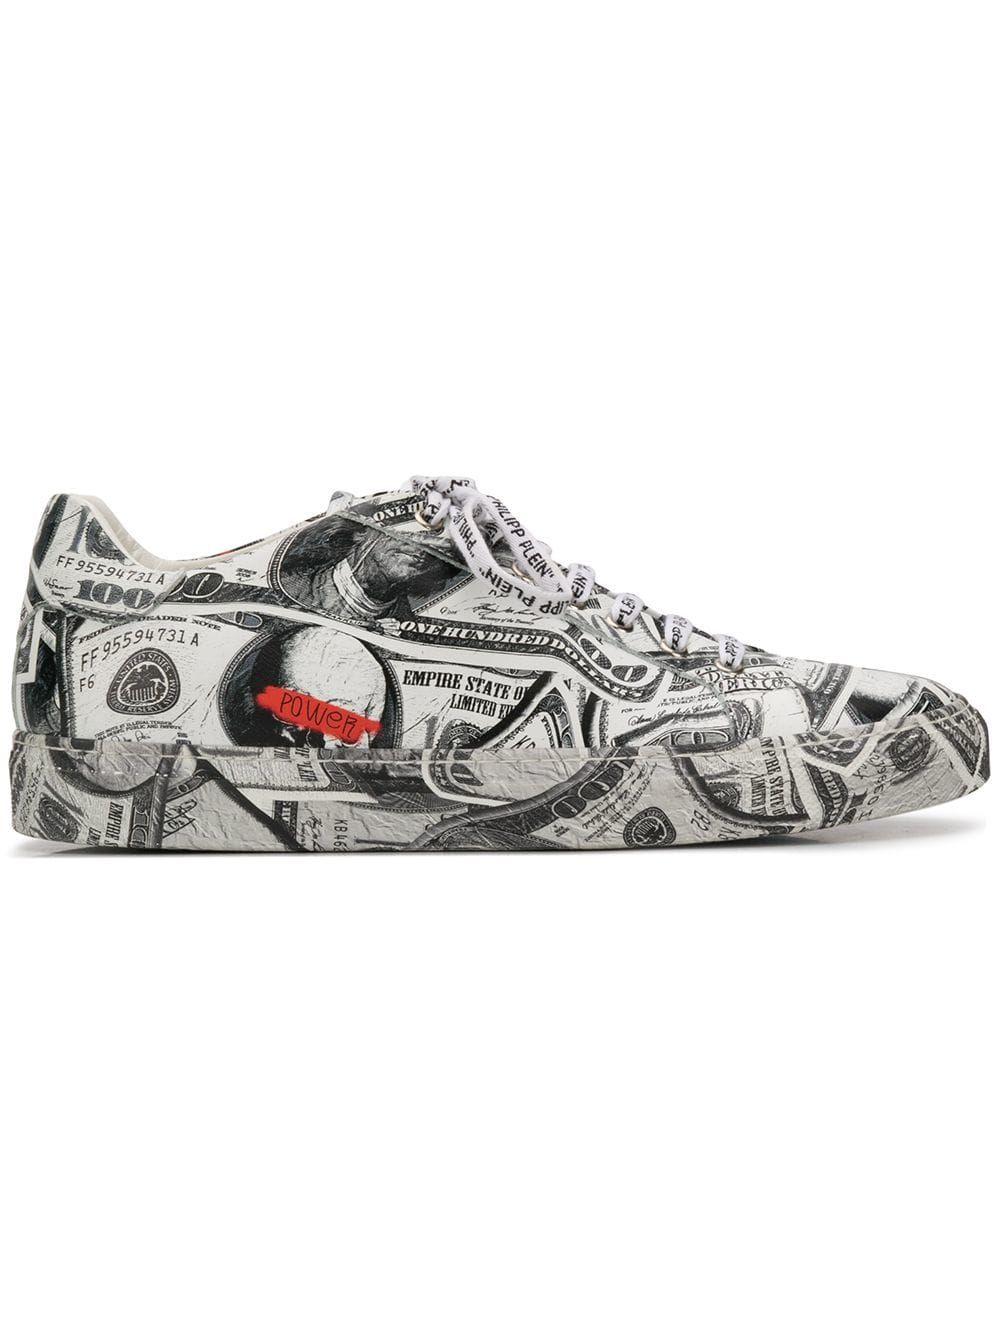 caf2a14e410 PHILIPP PLEIN PHILIPP PLEIN DOLLAR LOW-TOP SNEAKERS - WHITE. #philippplein  #shoes